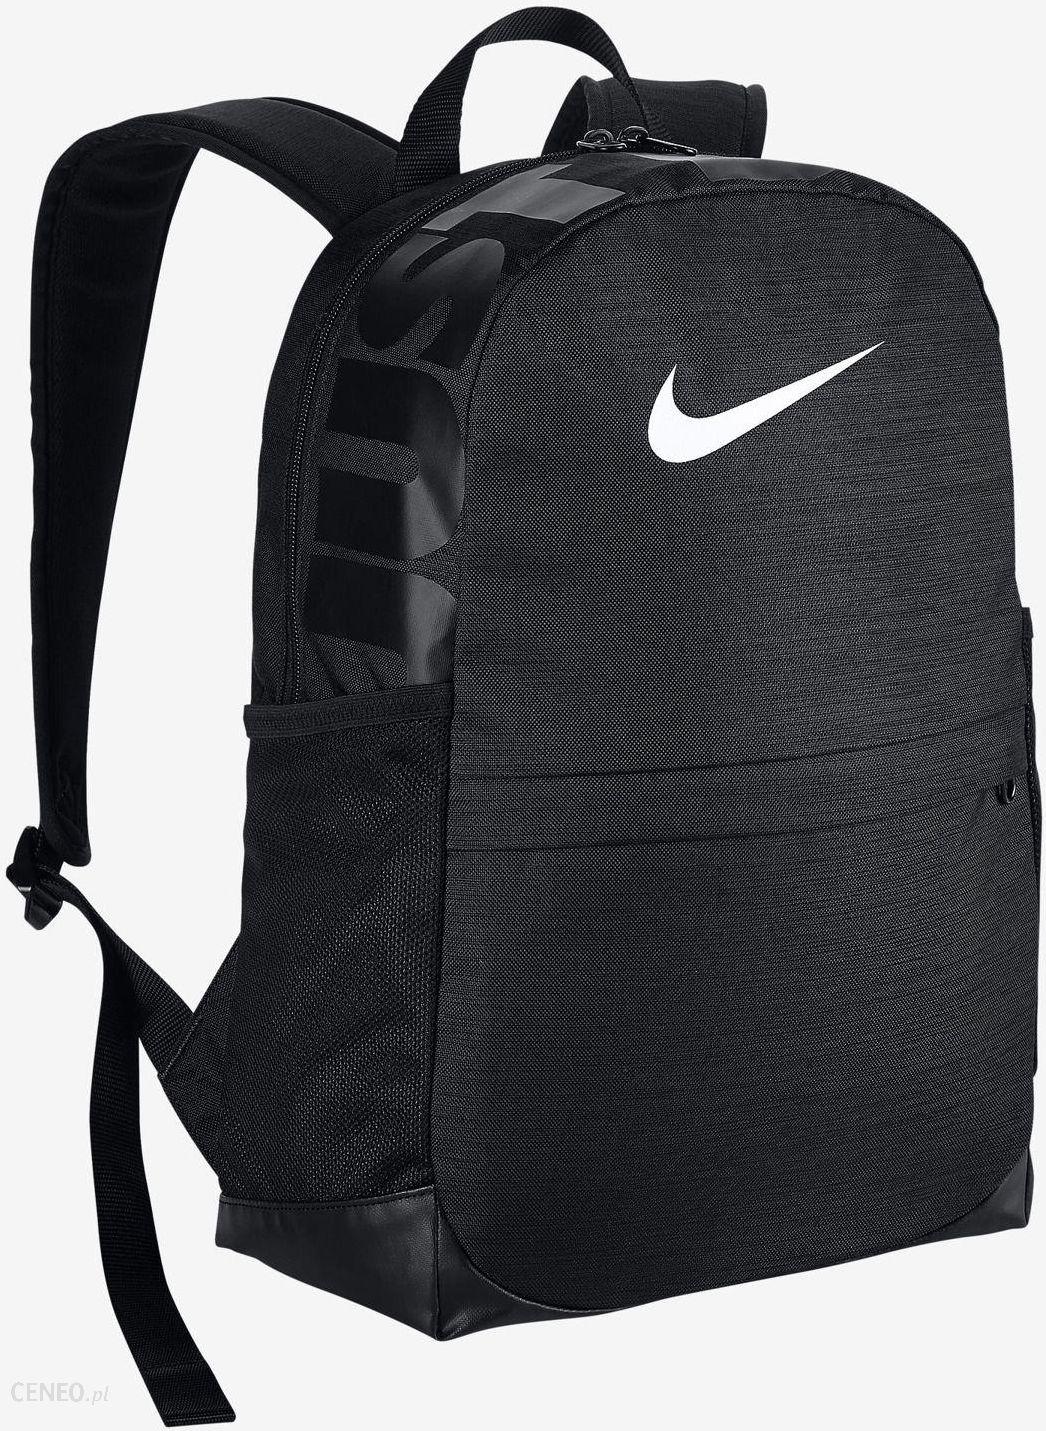 4354273475eef Plecak Nike Brasila Czarny Ba5473 - Ceny i opinie - Ceneo.pl